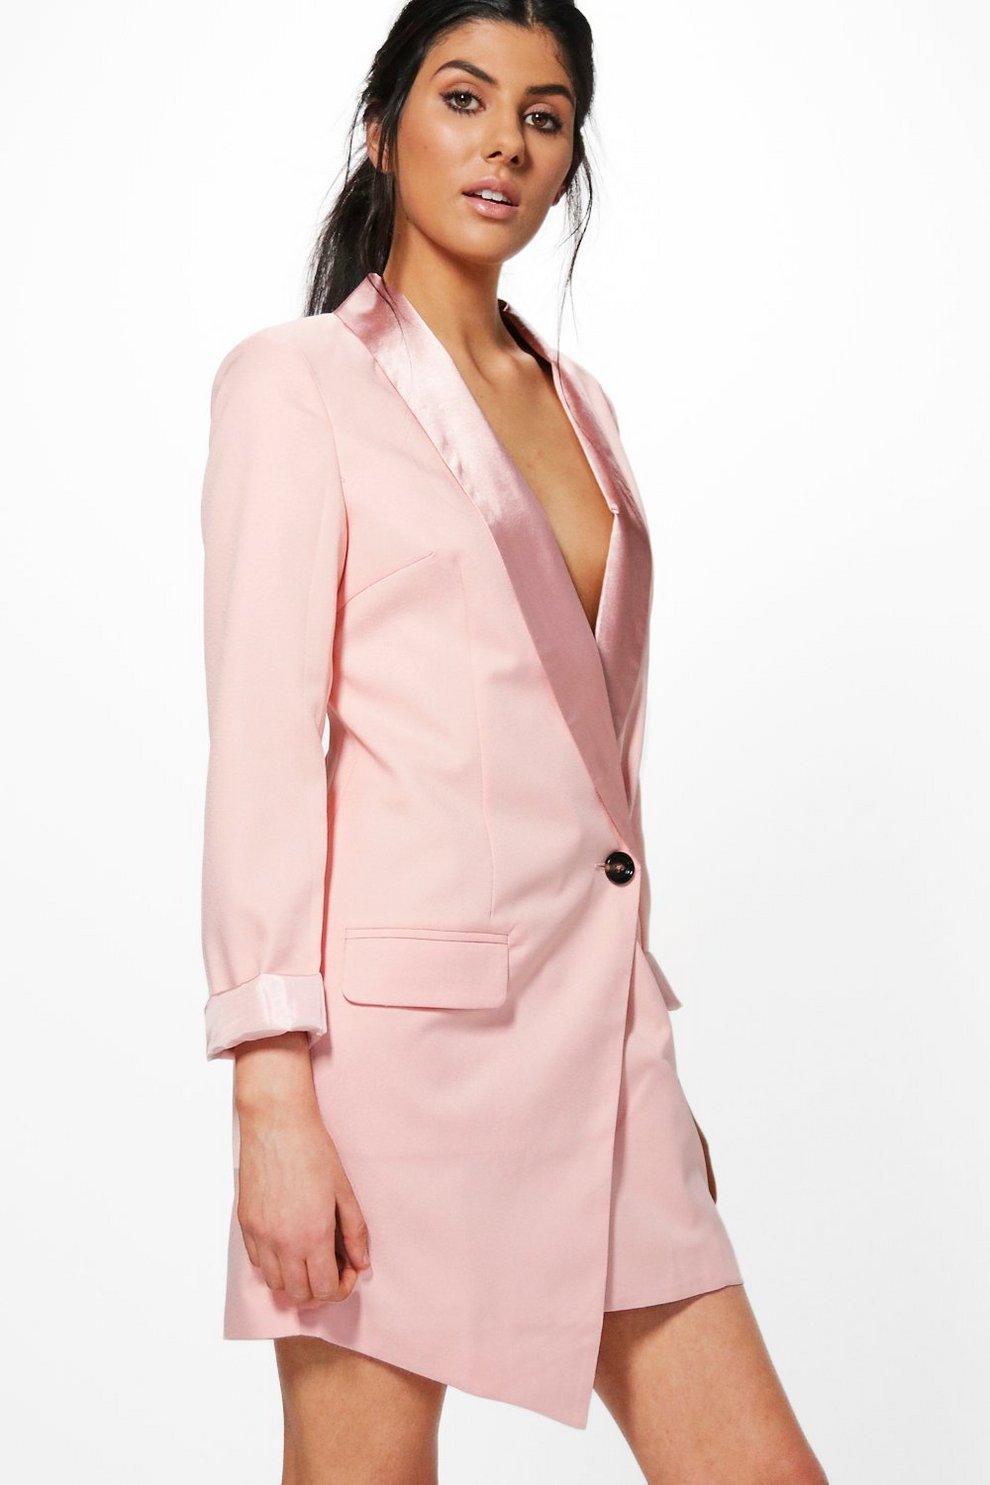 0d5a4da8f45 Lara Tailored Tuxedo Woven Blazer Dress